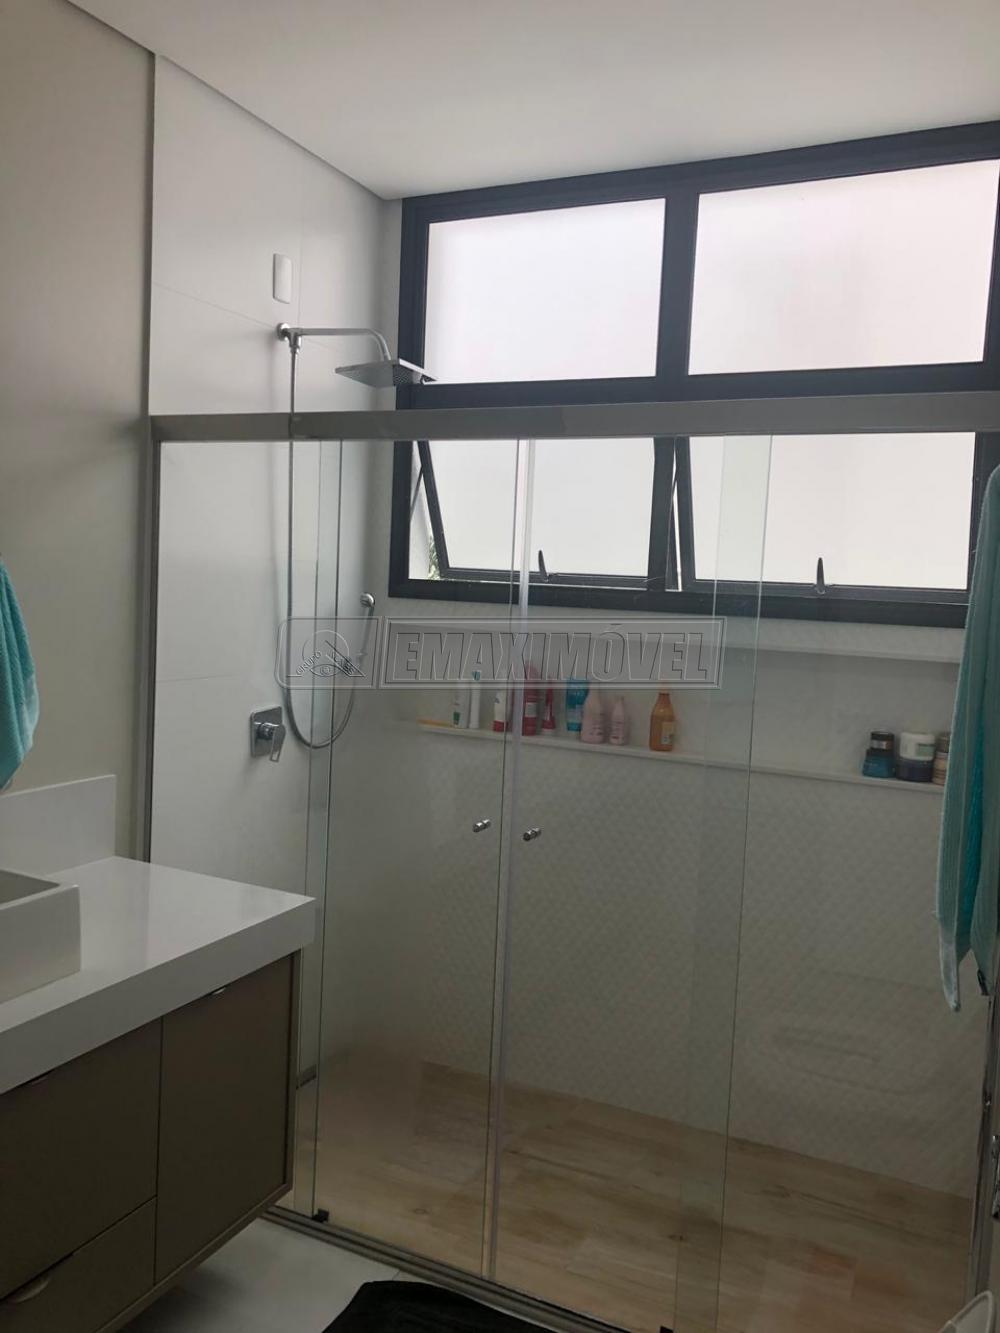 Comprar Casas / em Condomínios em Votorantim apenas R$ 2.300.000,00 - Foto 12